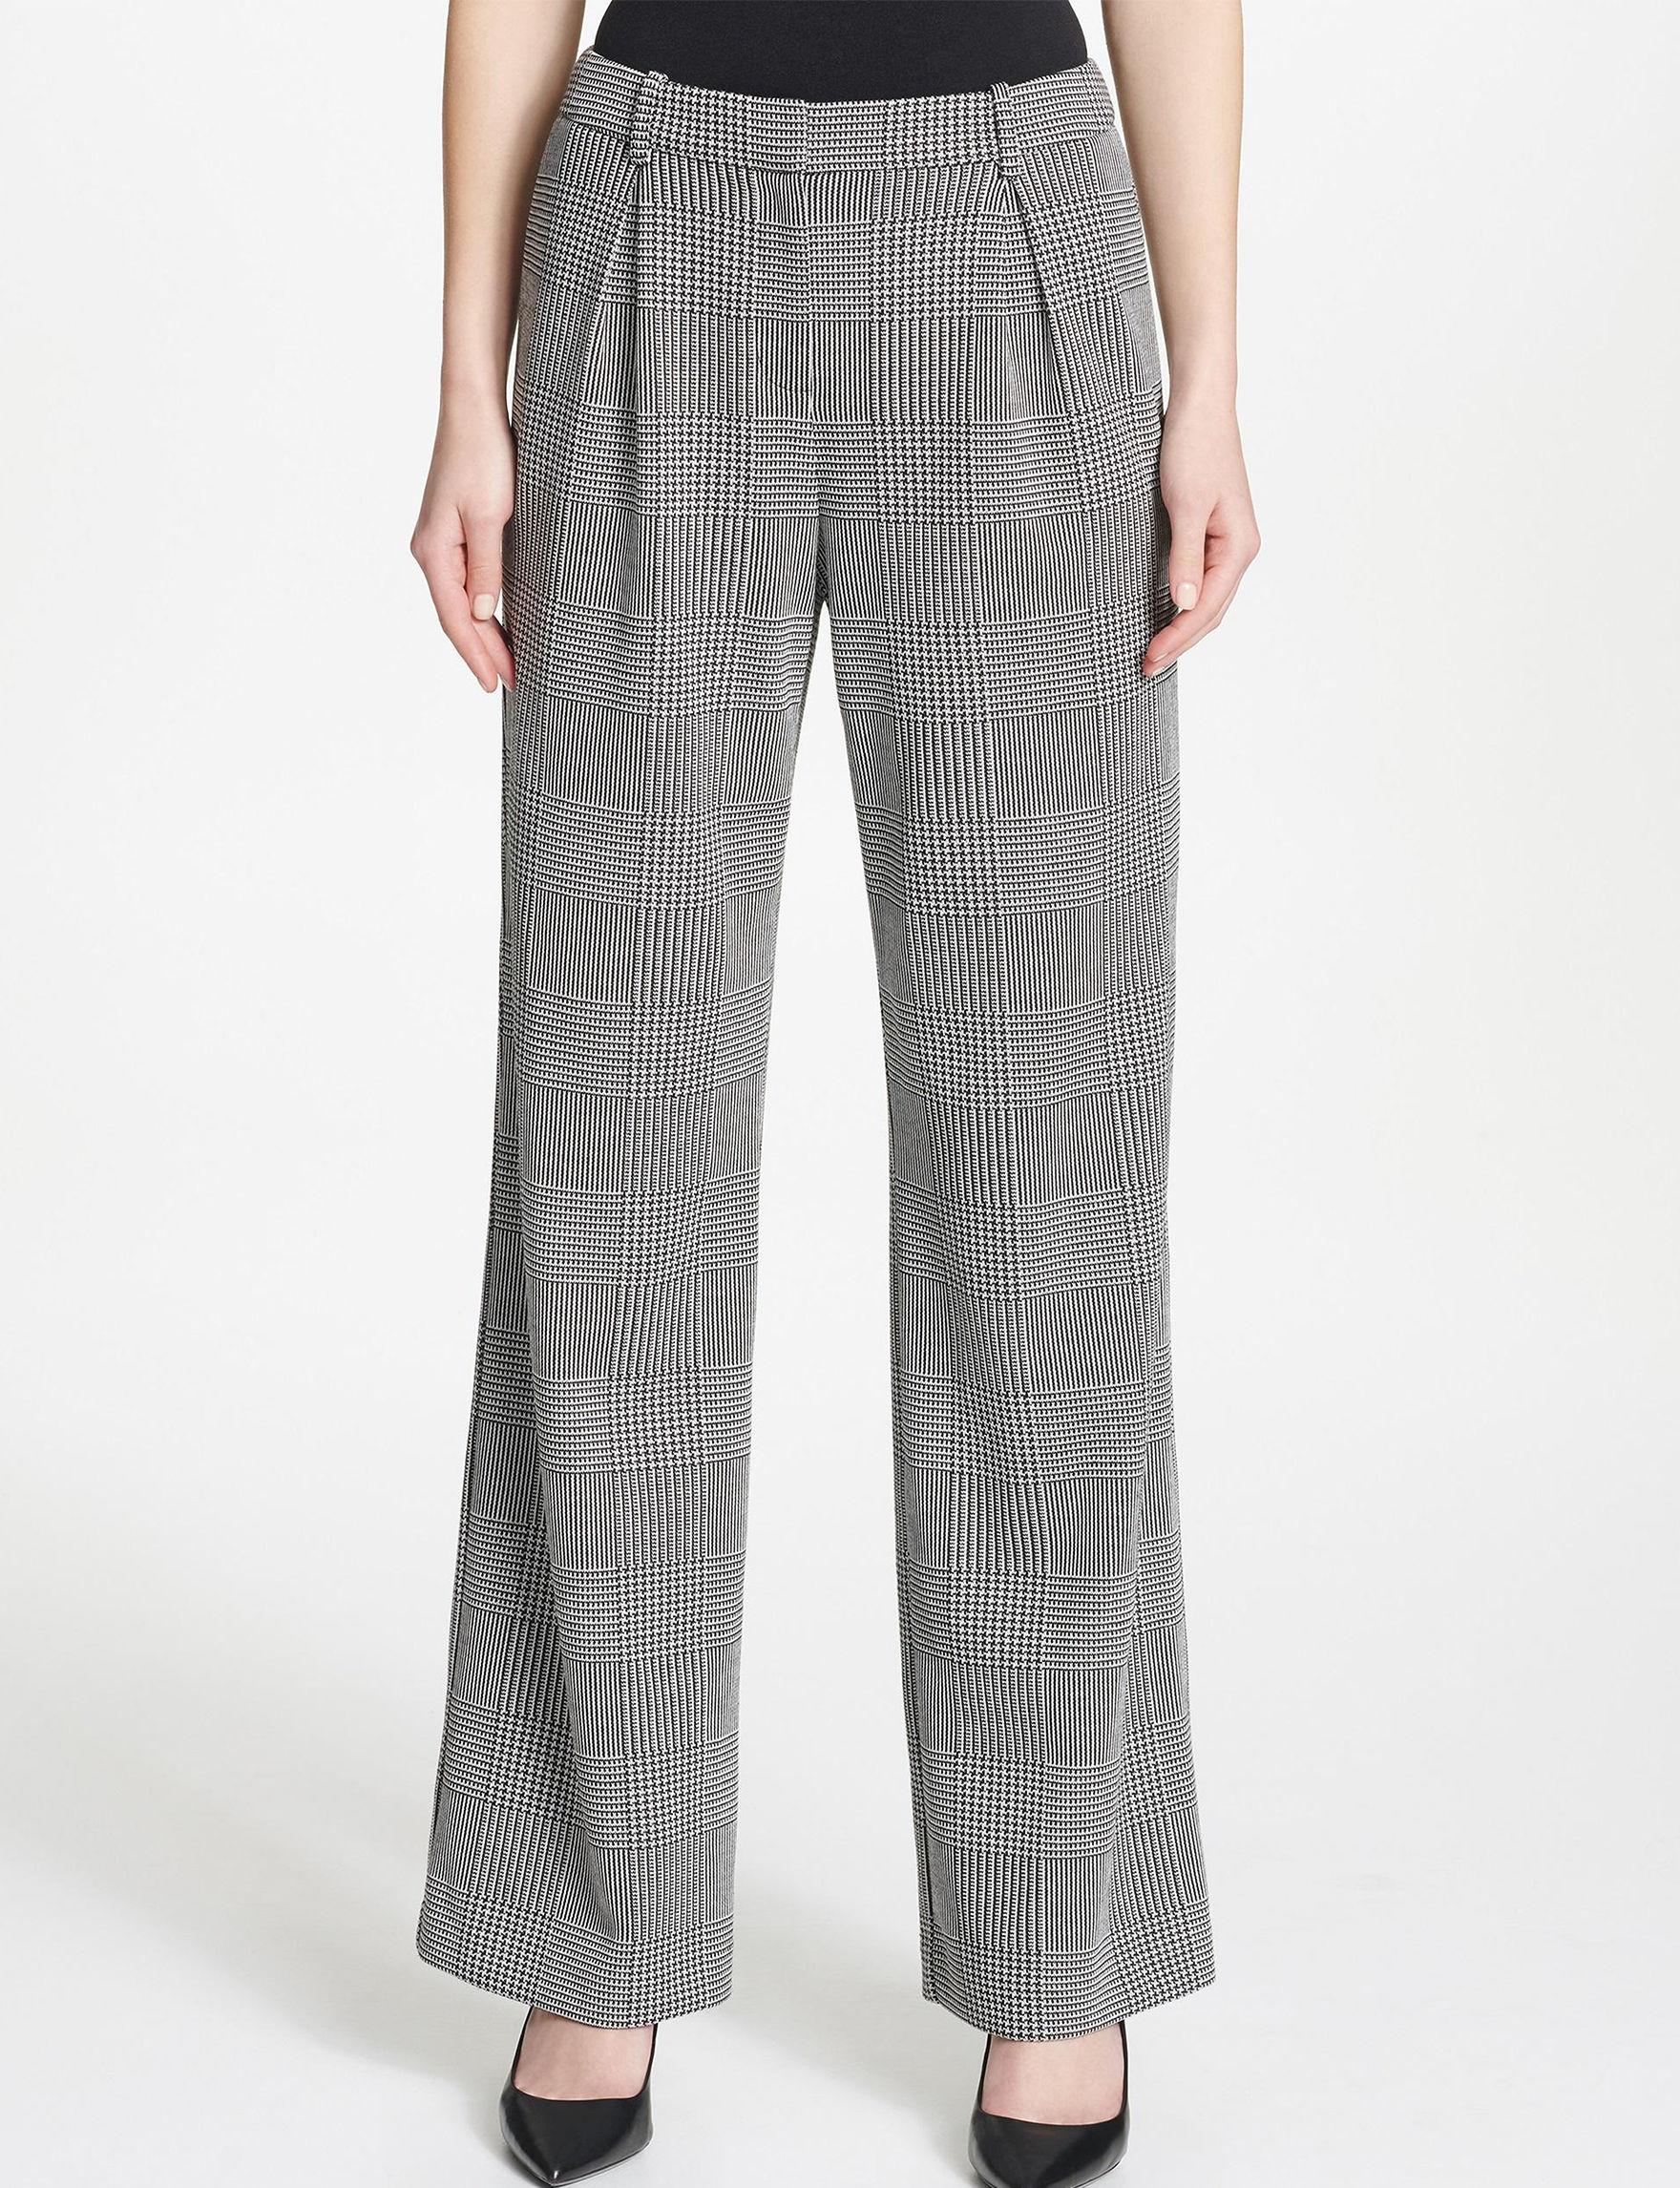 Calvin Klein Black / White Soft Pants Wide Leg